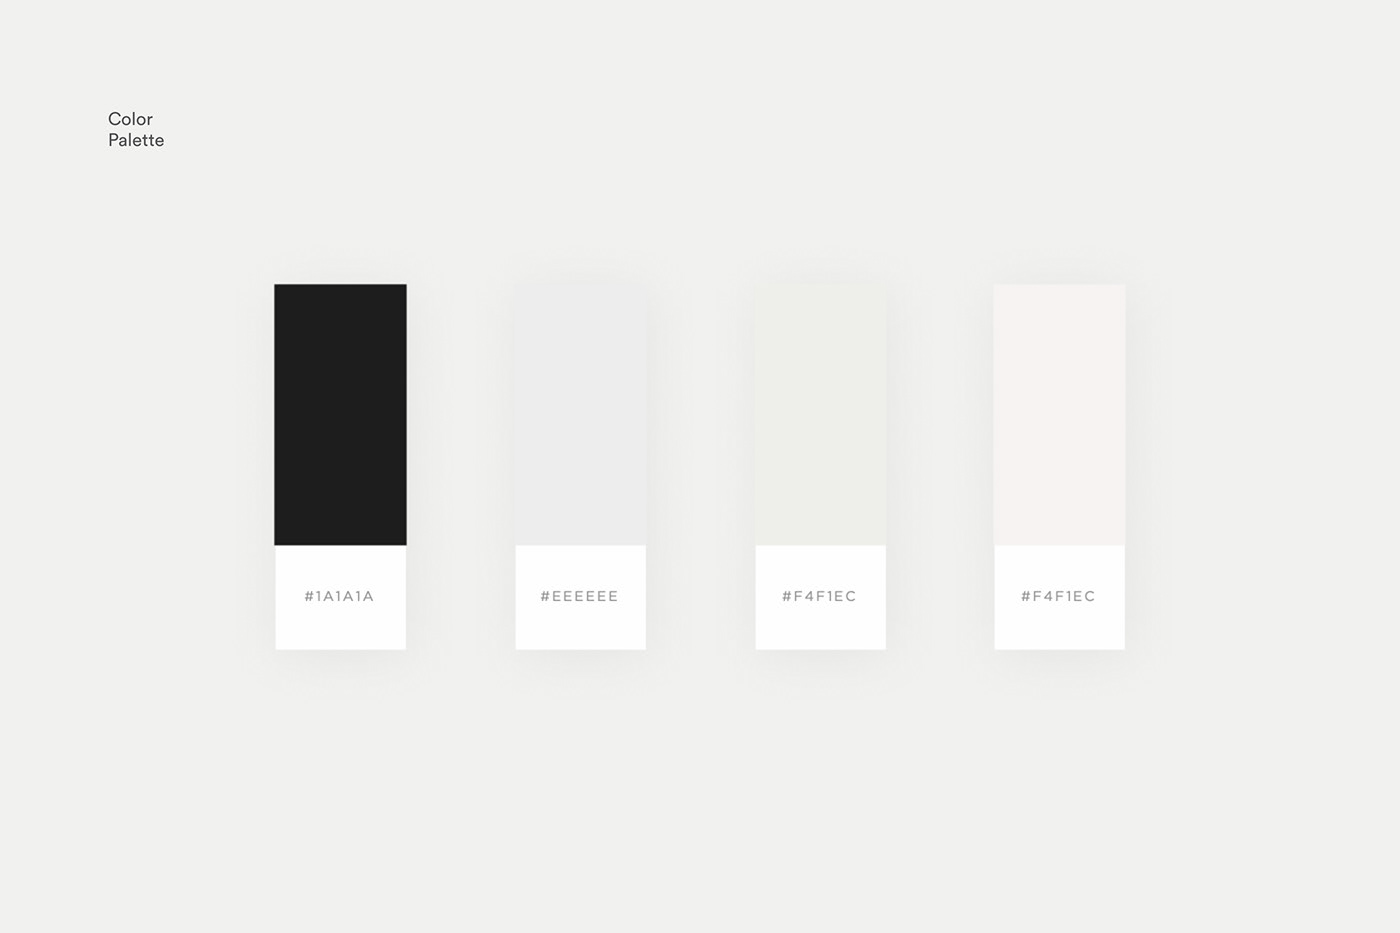 Paleta de colores para temporada 2018, lanzamiento de marca.